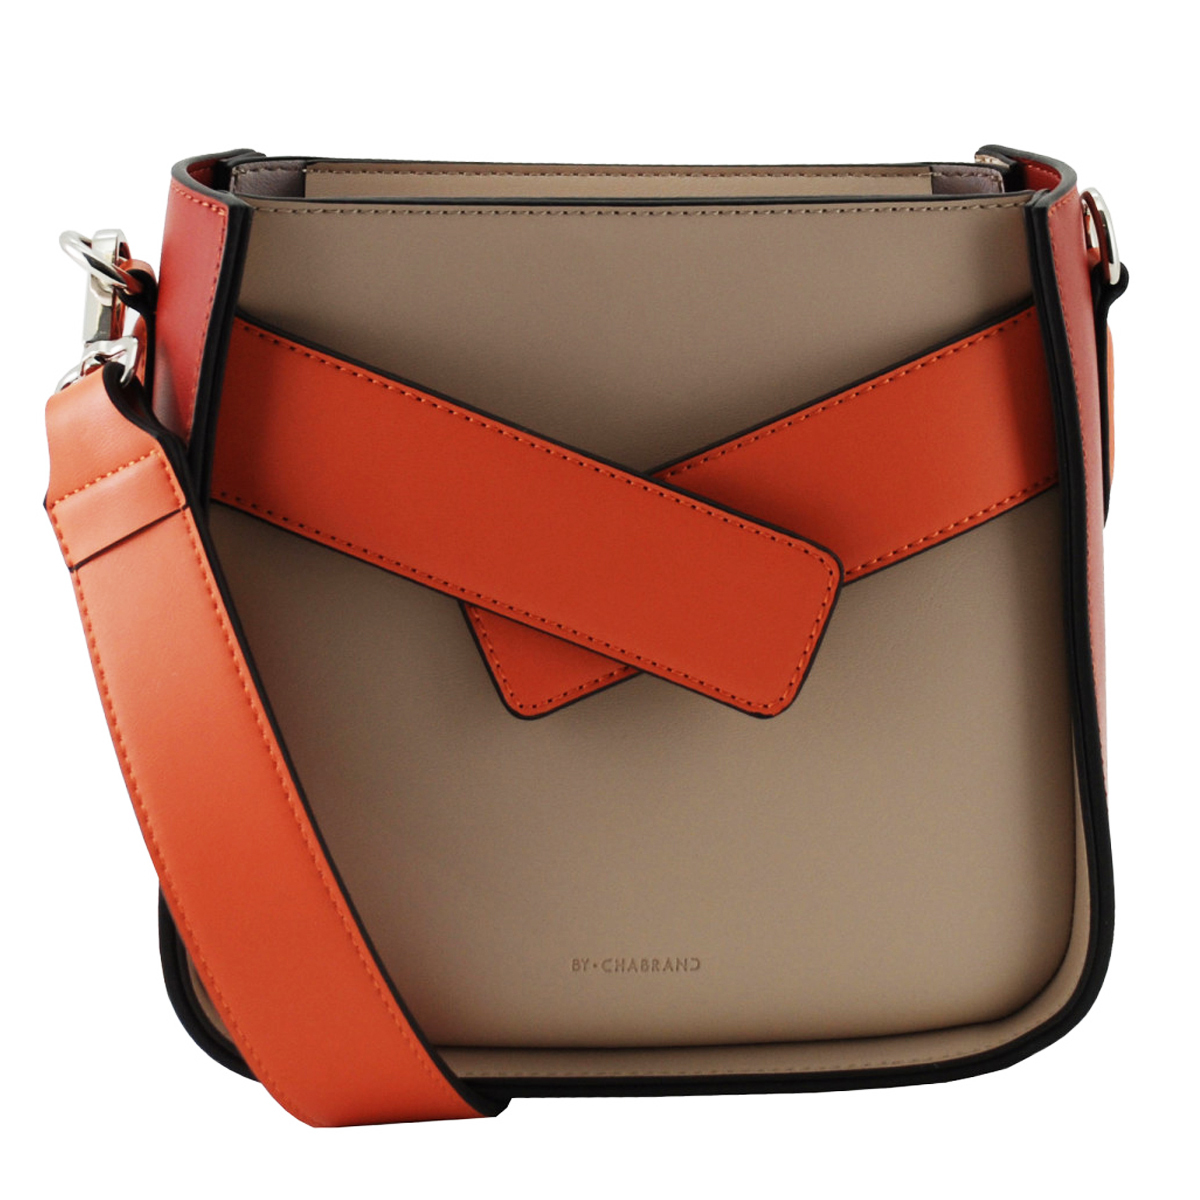 Sac créateur \'Chabrand\' taupe marron orange - 20x19x10 cm - [A0138]